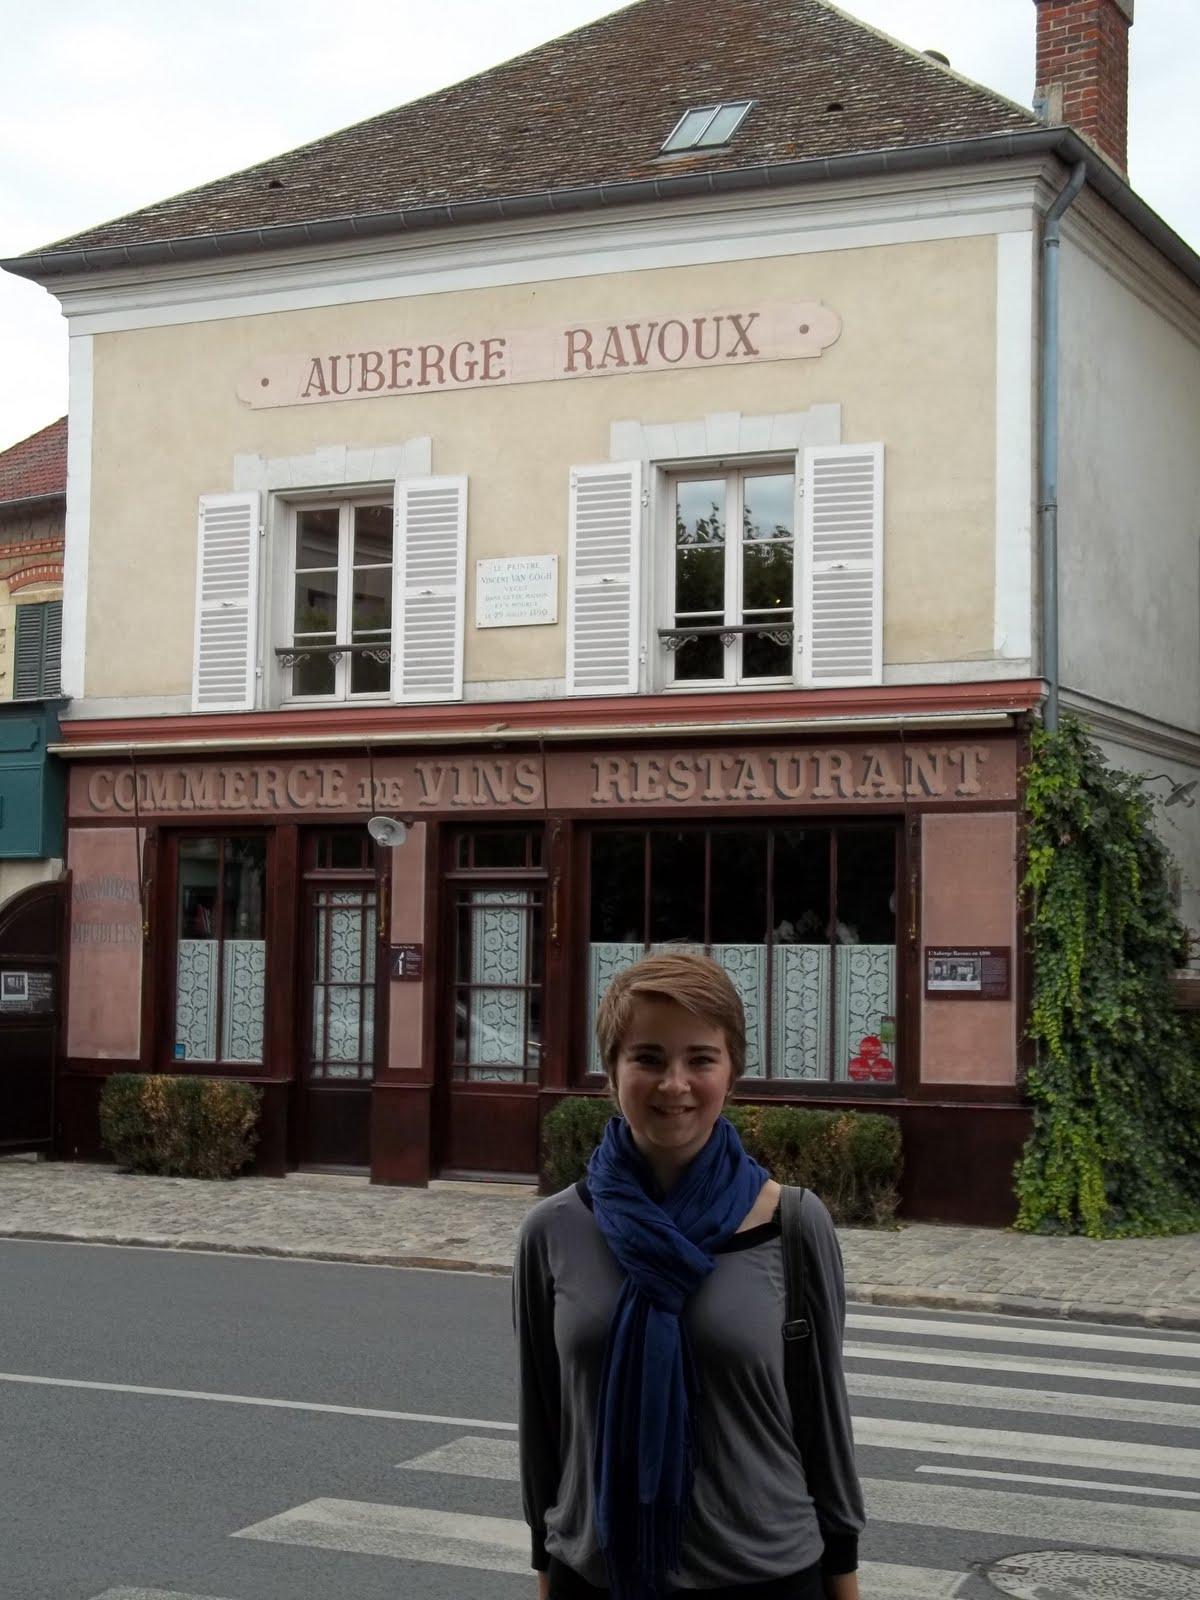 Mon voyage en france maison van gogh for Auberge ravoux maison van gogh